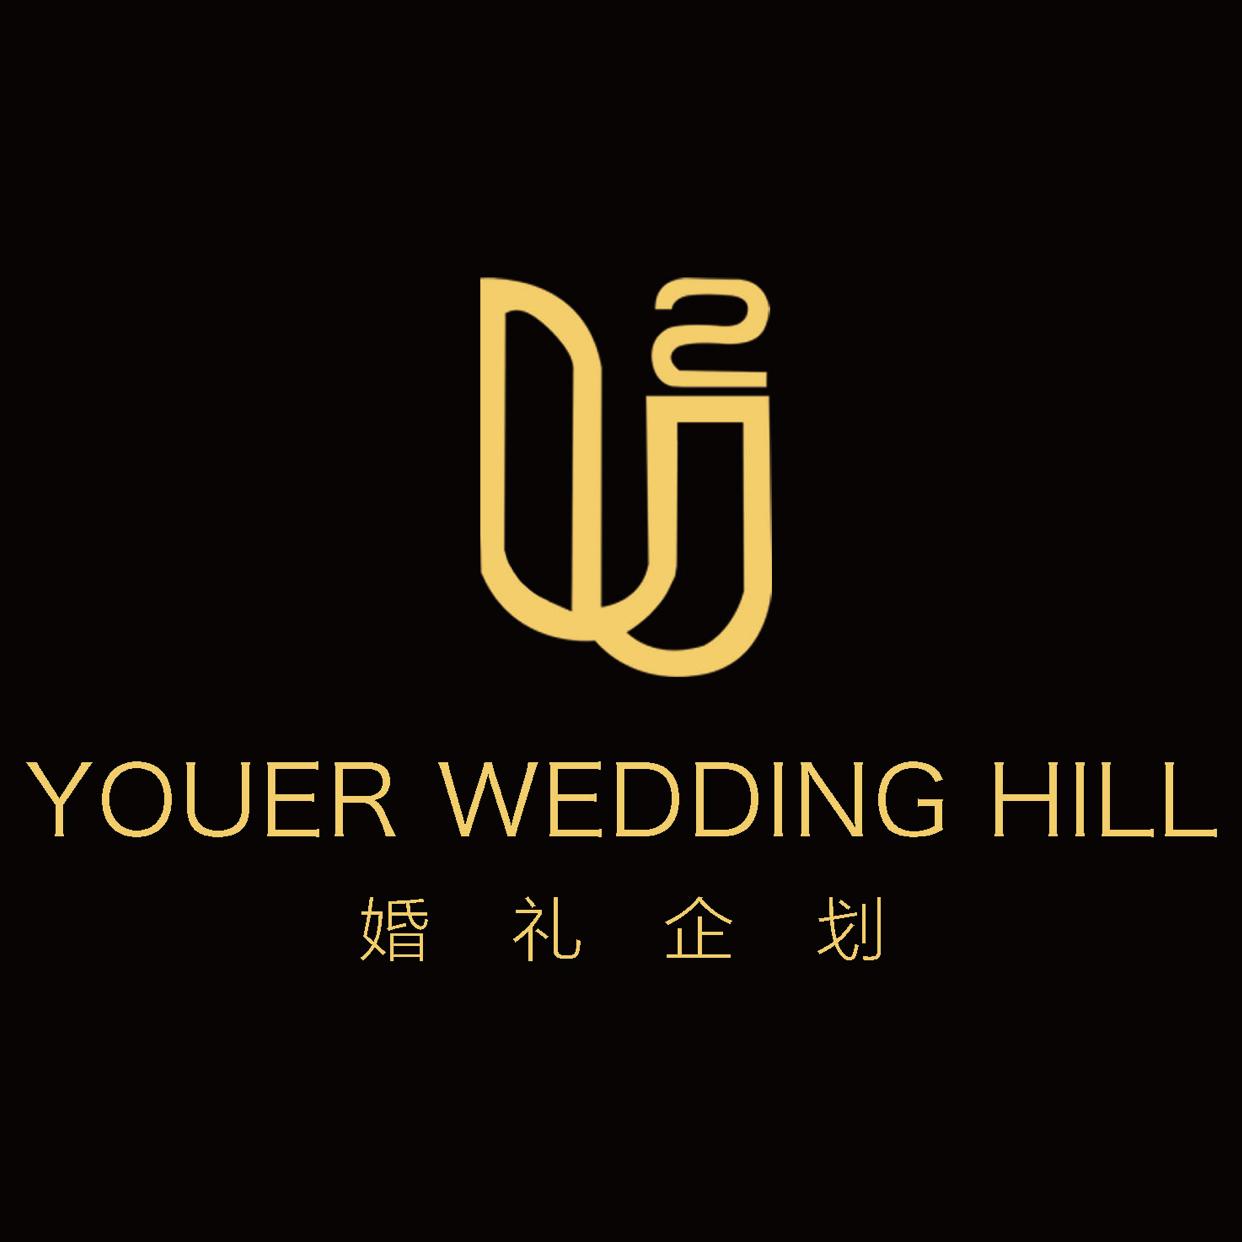 南通U²优尔婚礼企划